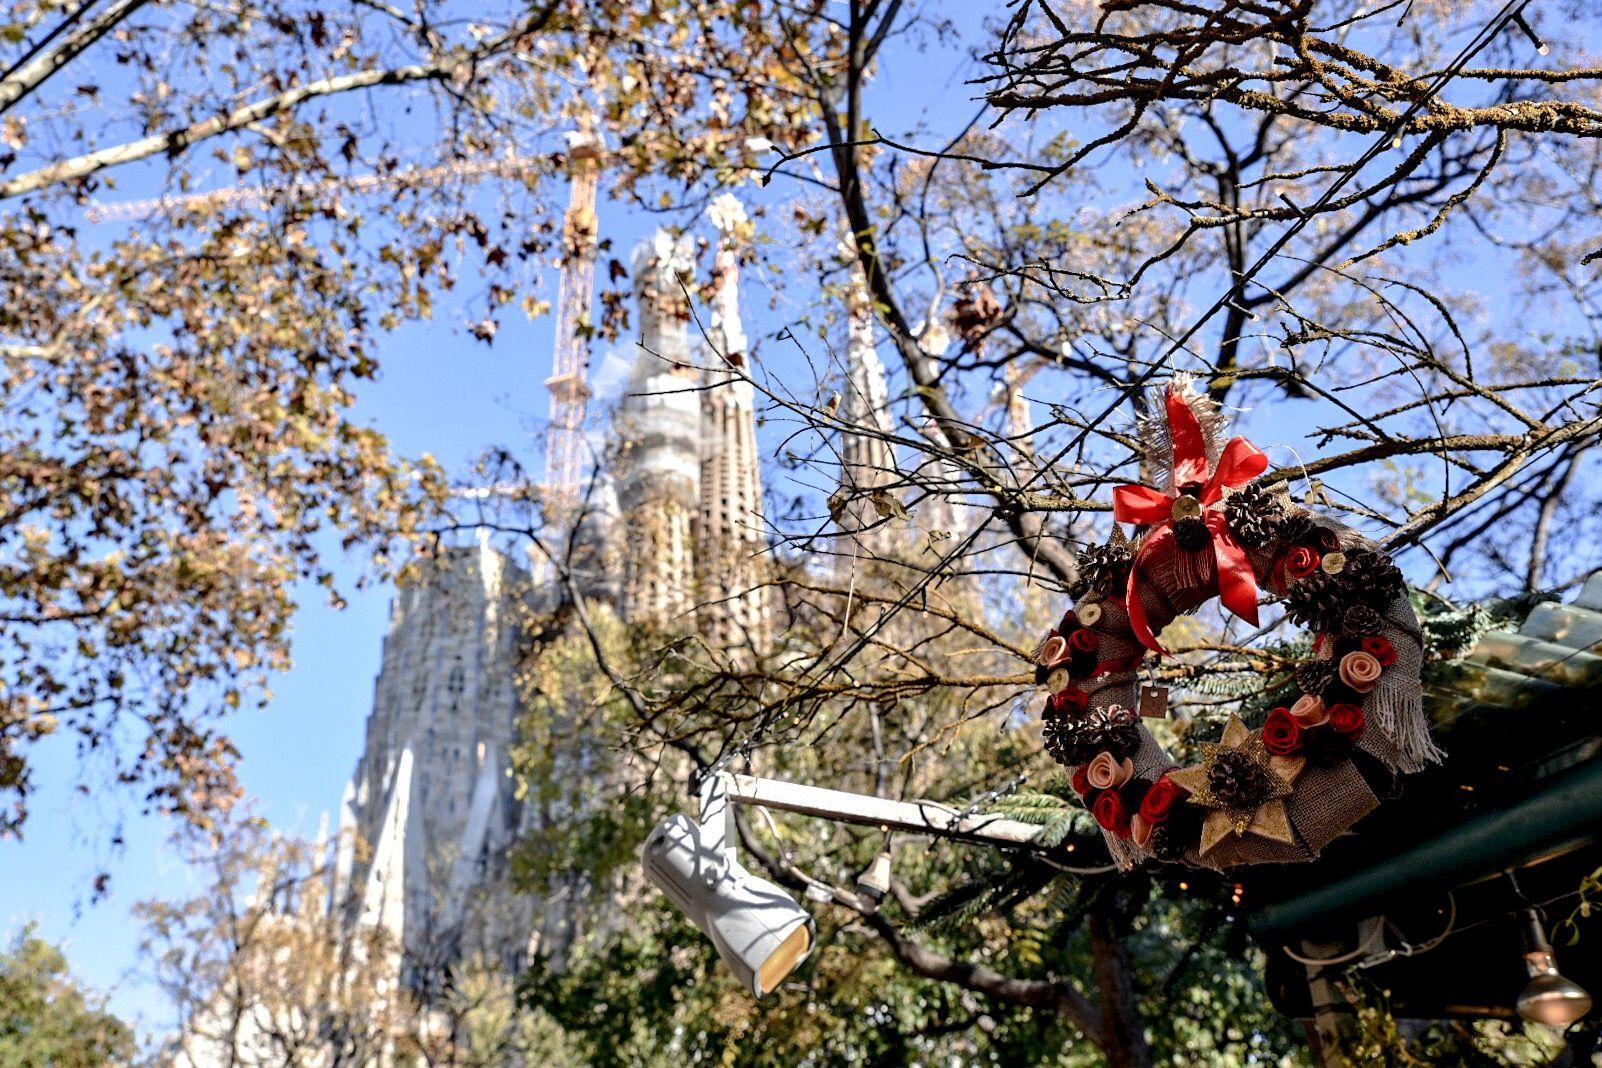 Scorcio suggestivo della Sagrada Familia con il mercatino natalizio